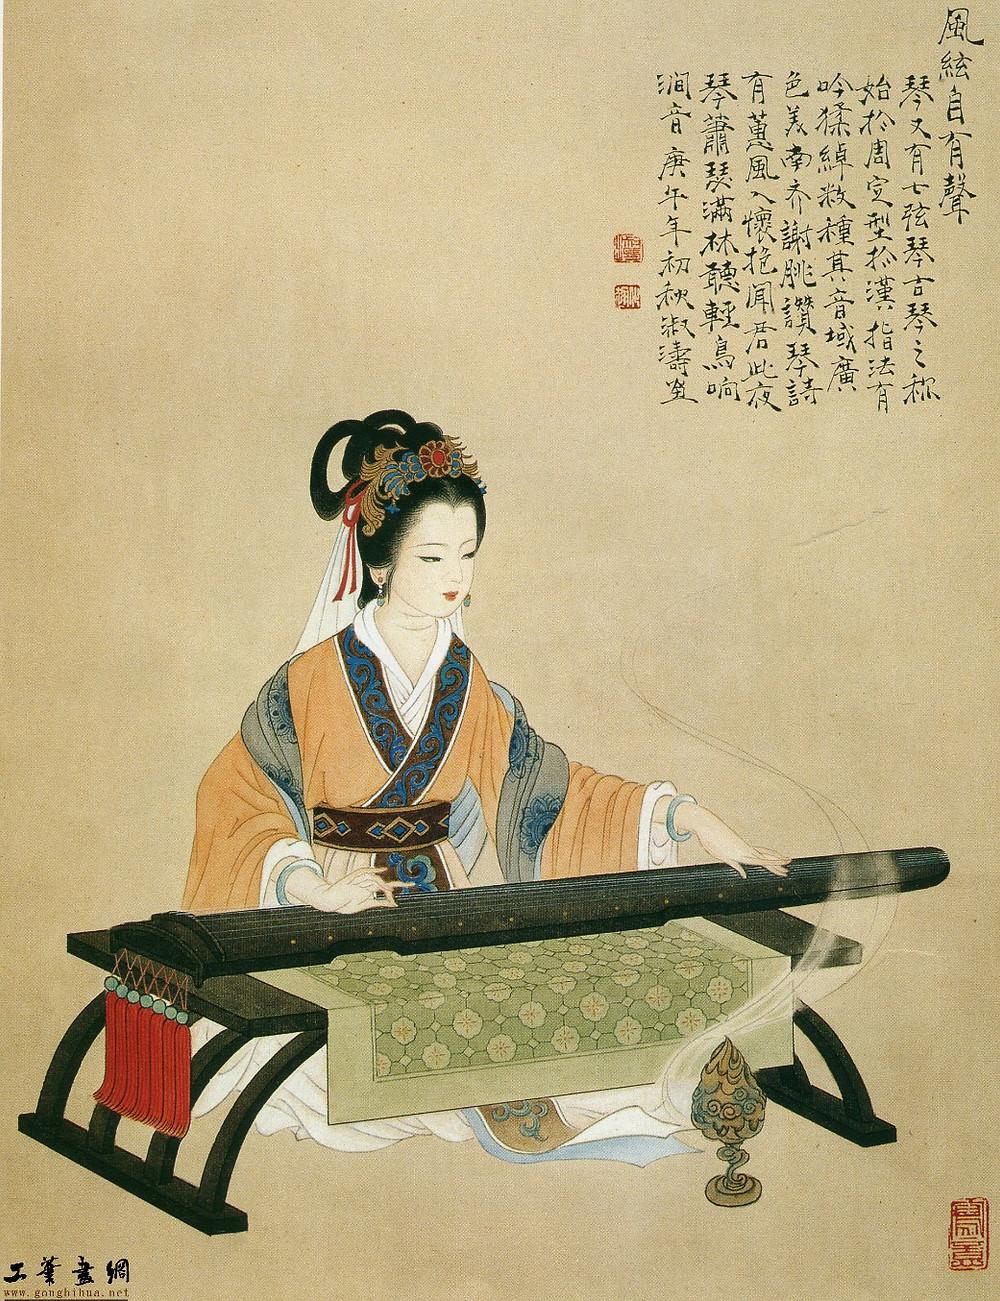 китай, певчика играет на цине (Центр Китайской Культуры: китайский язык в Санкт-Петербурге)